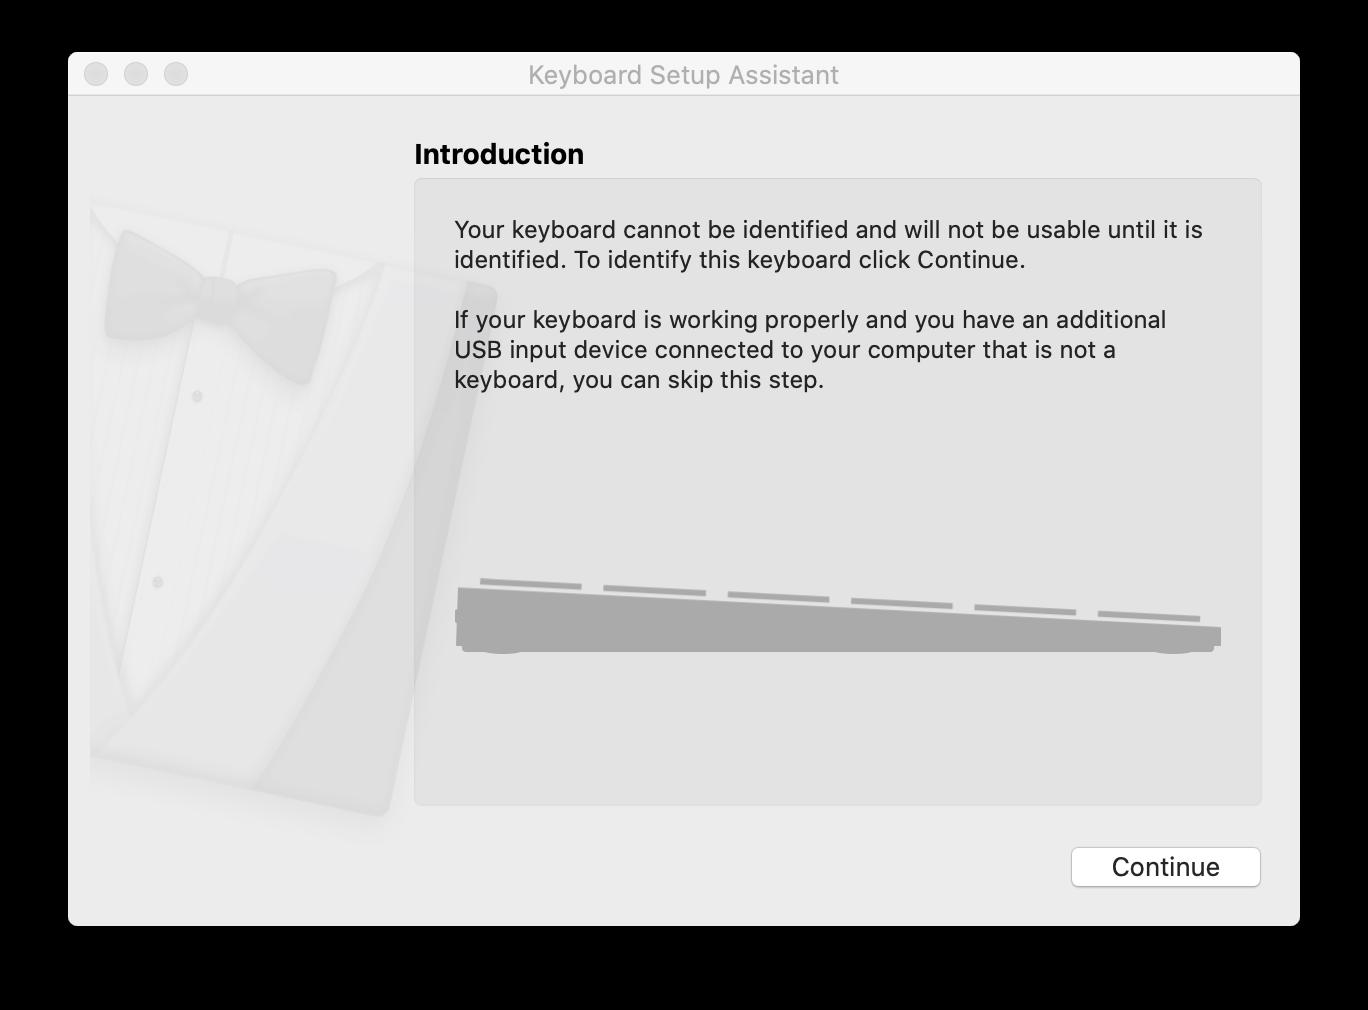 Keyboard Setup Assistant